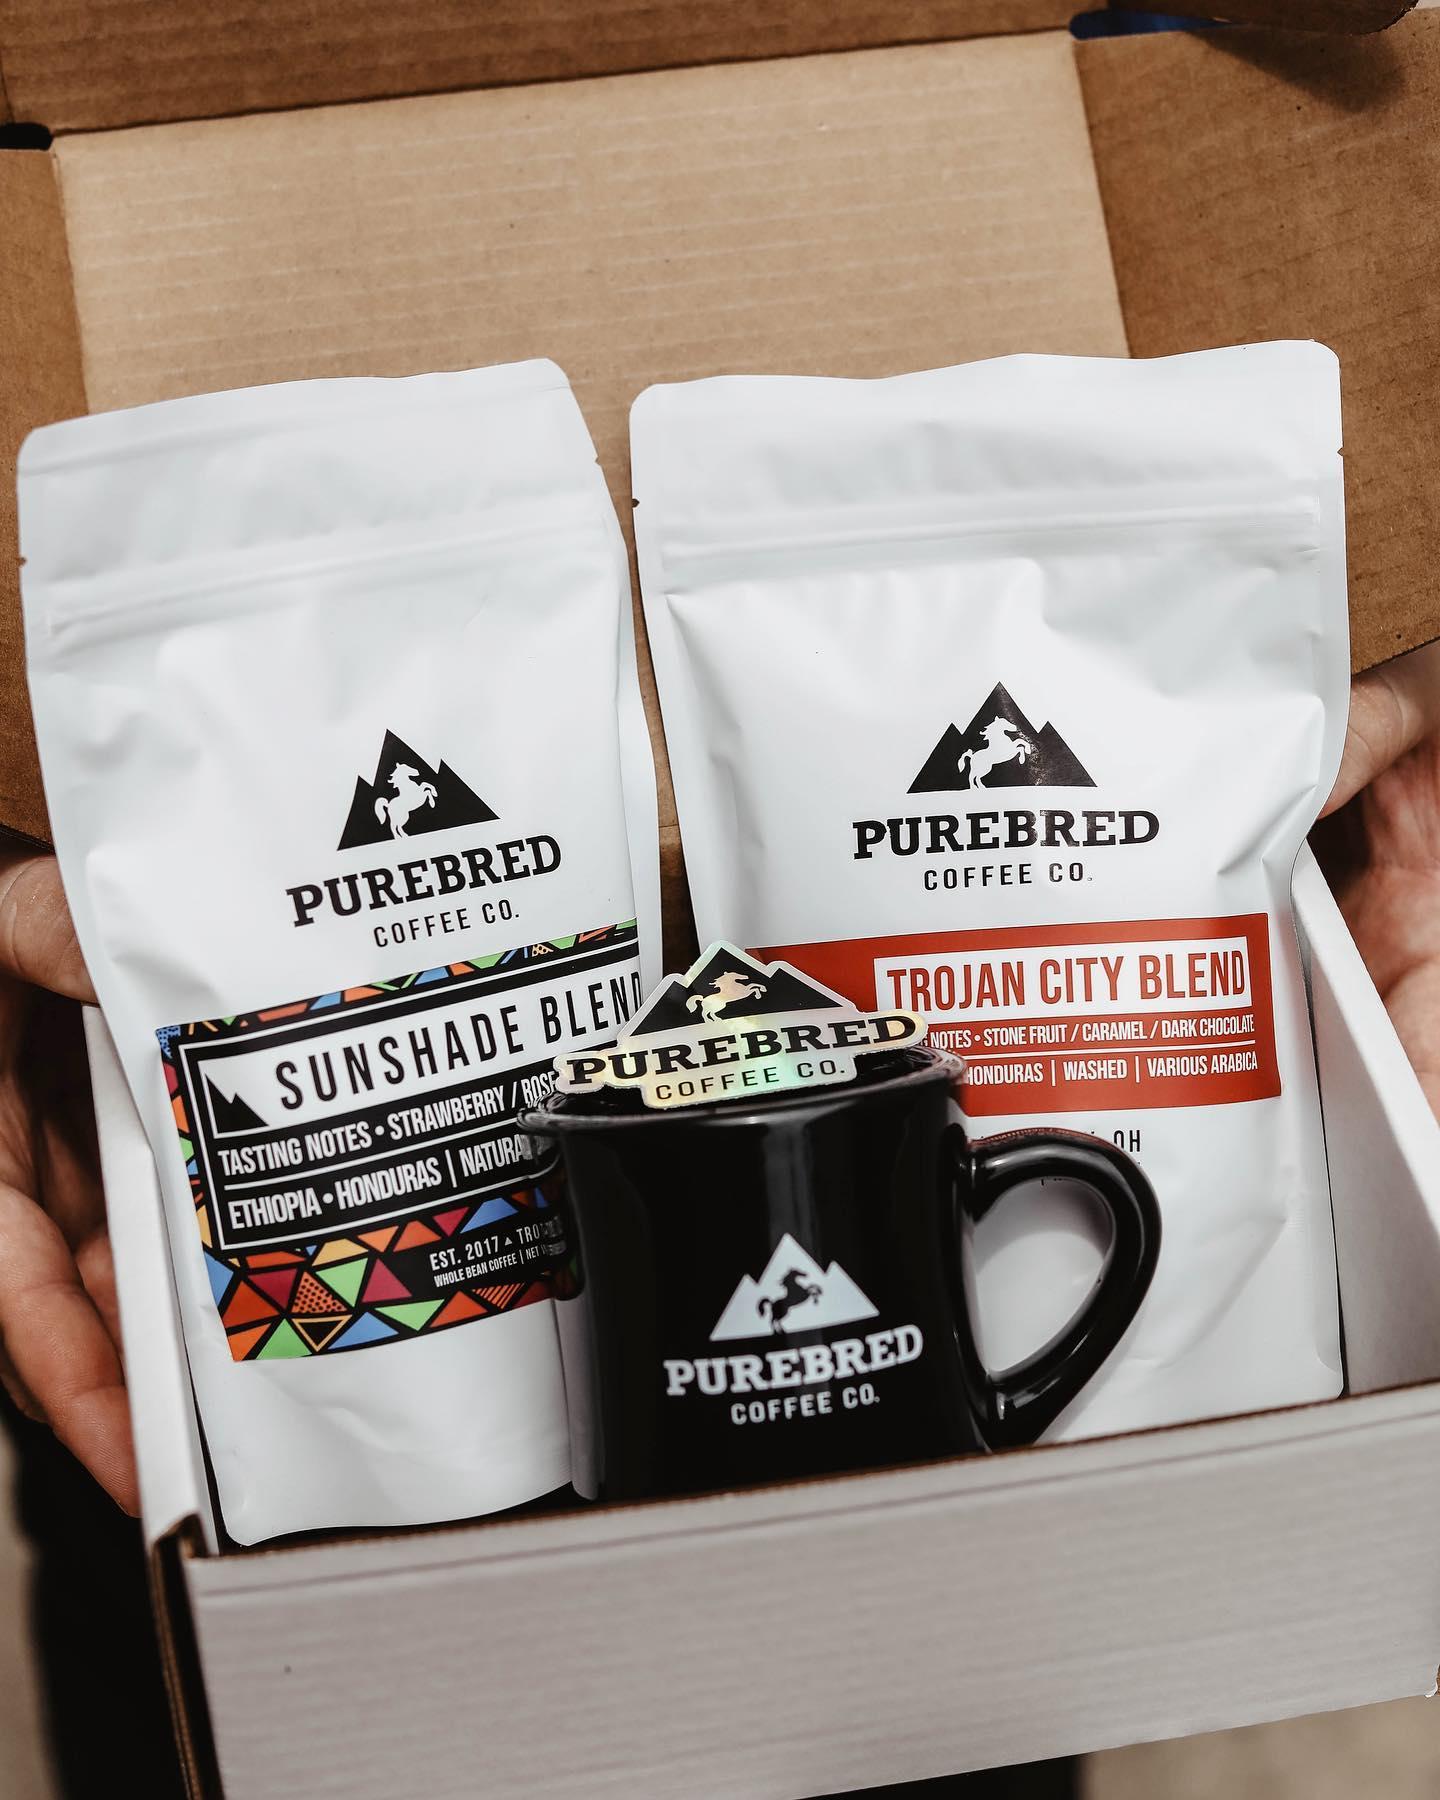 Purebred Coffee